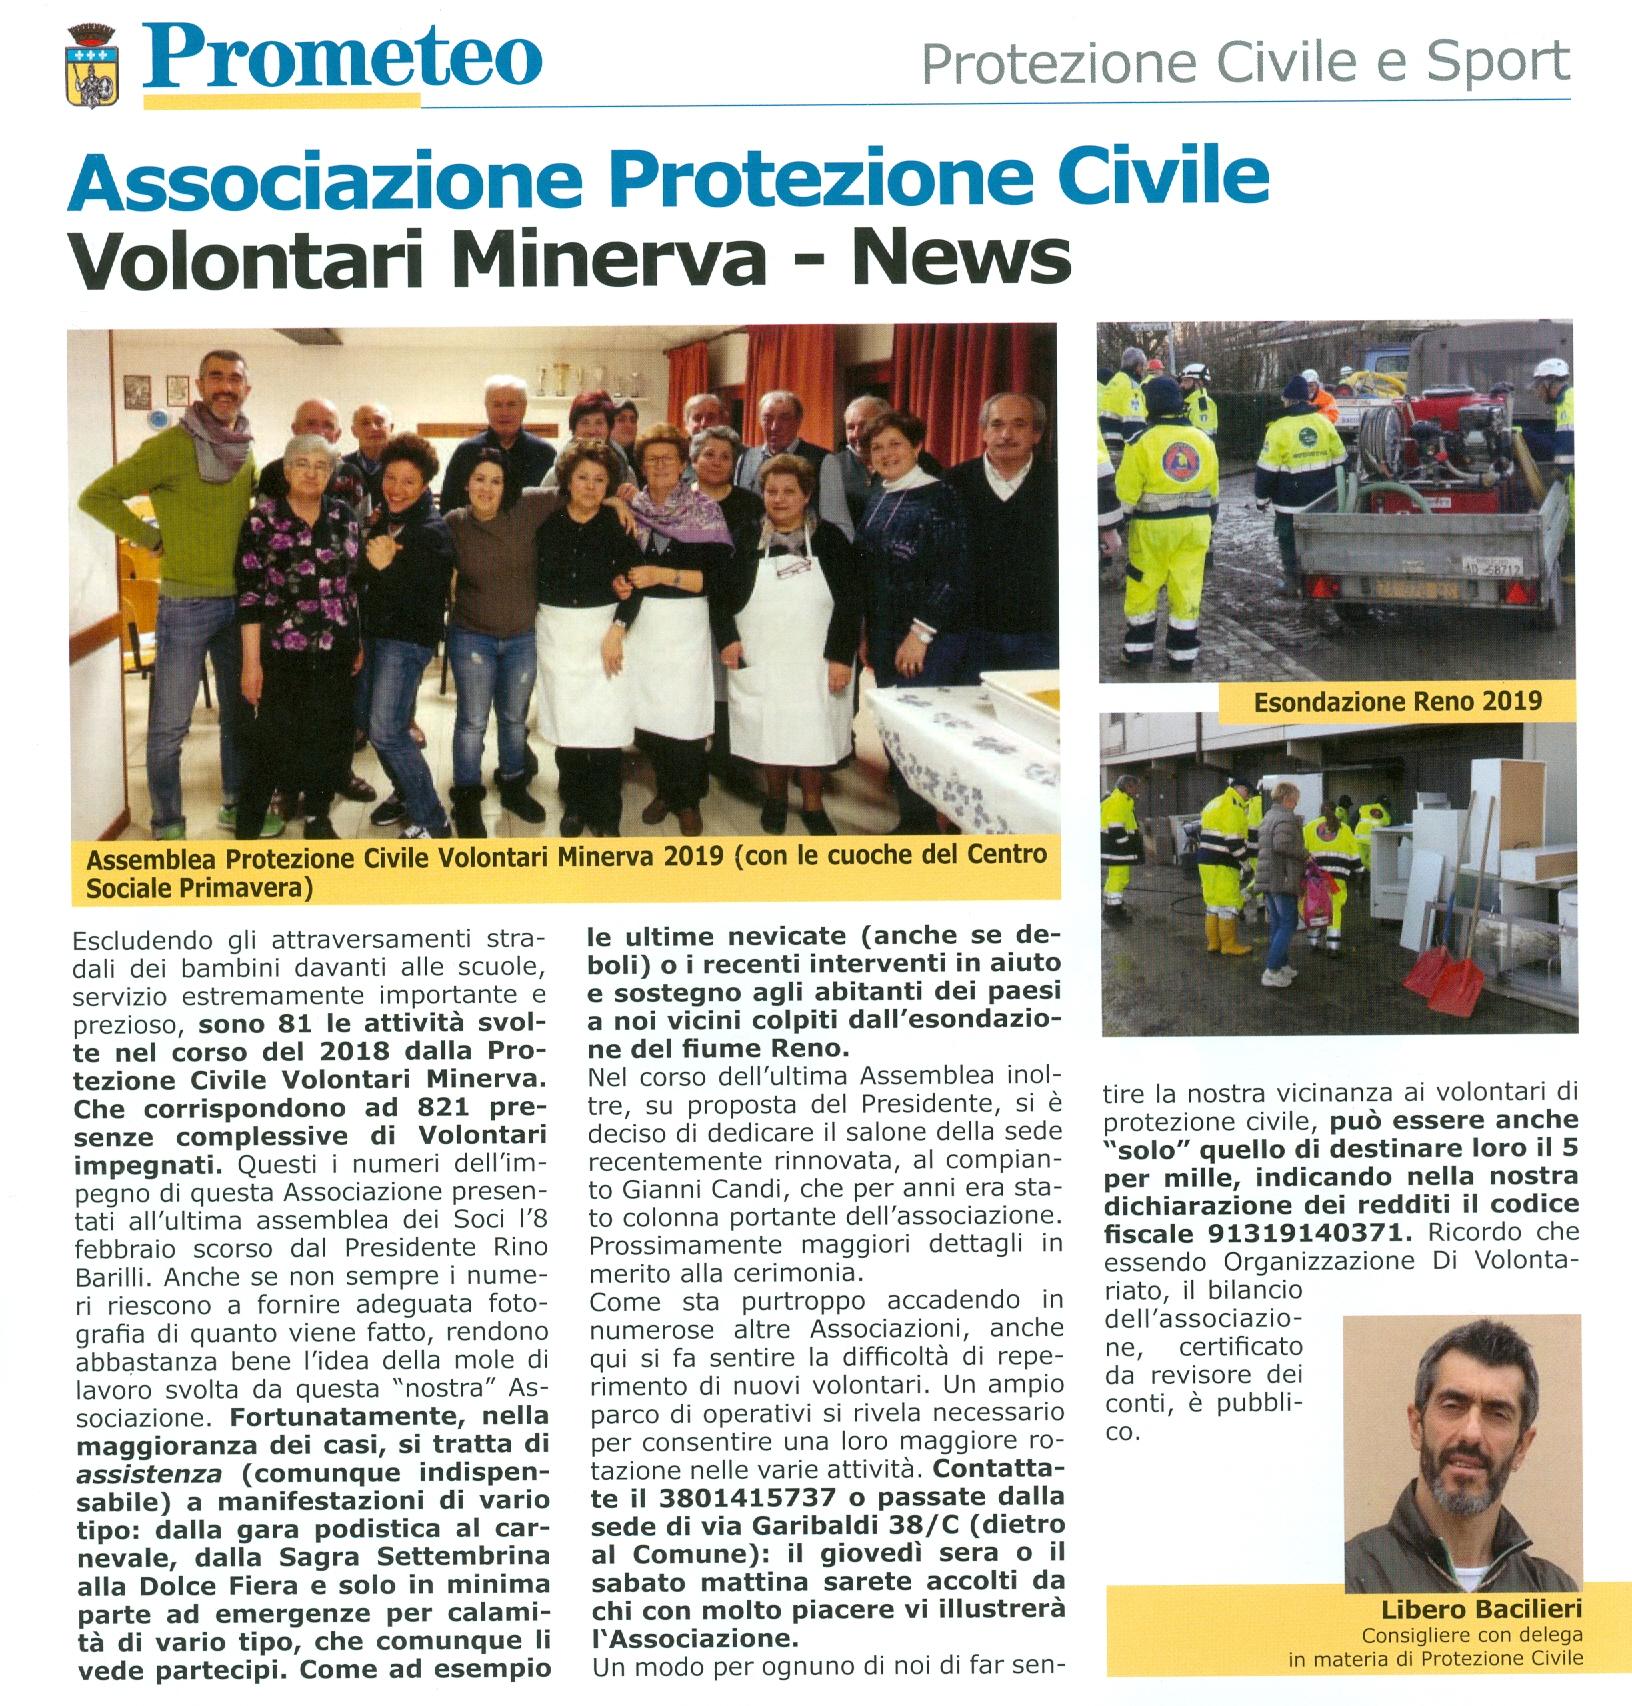 2019-04 Prometeo